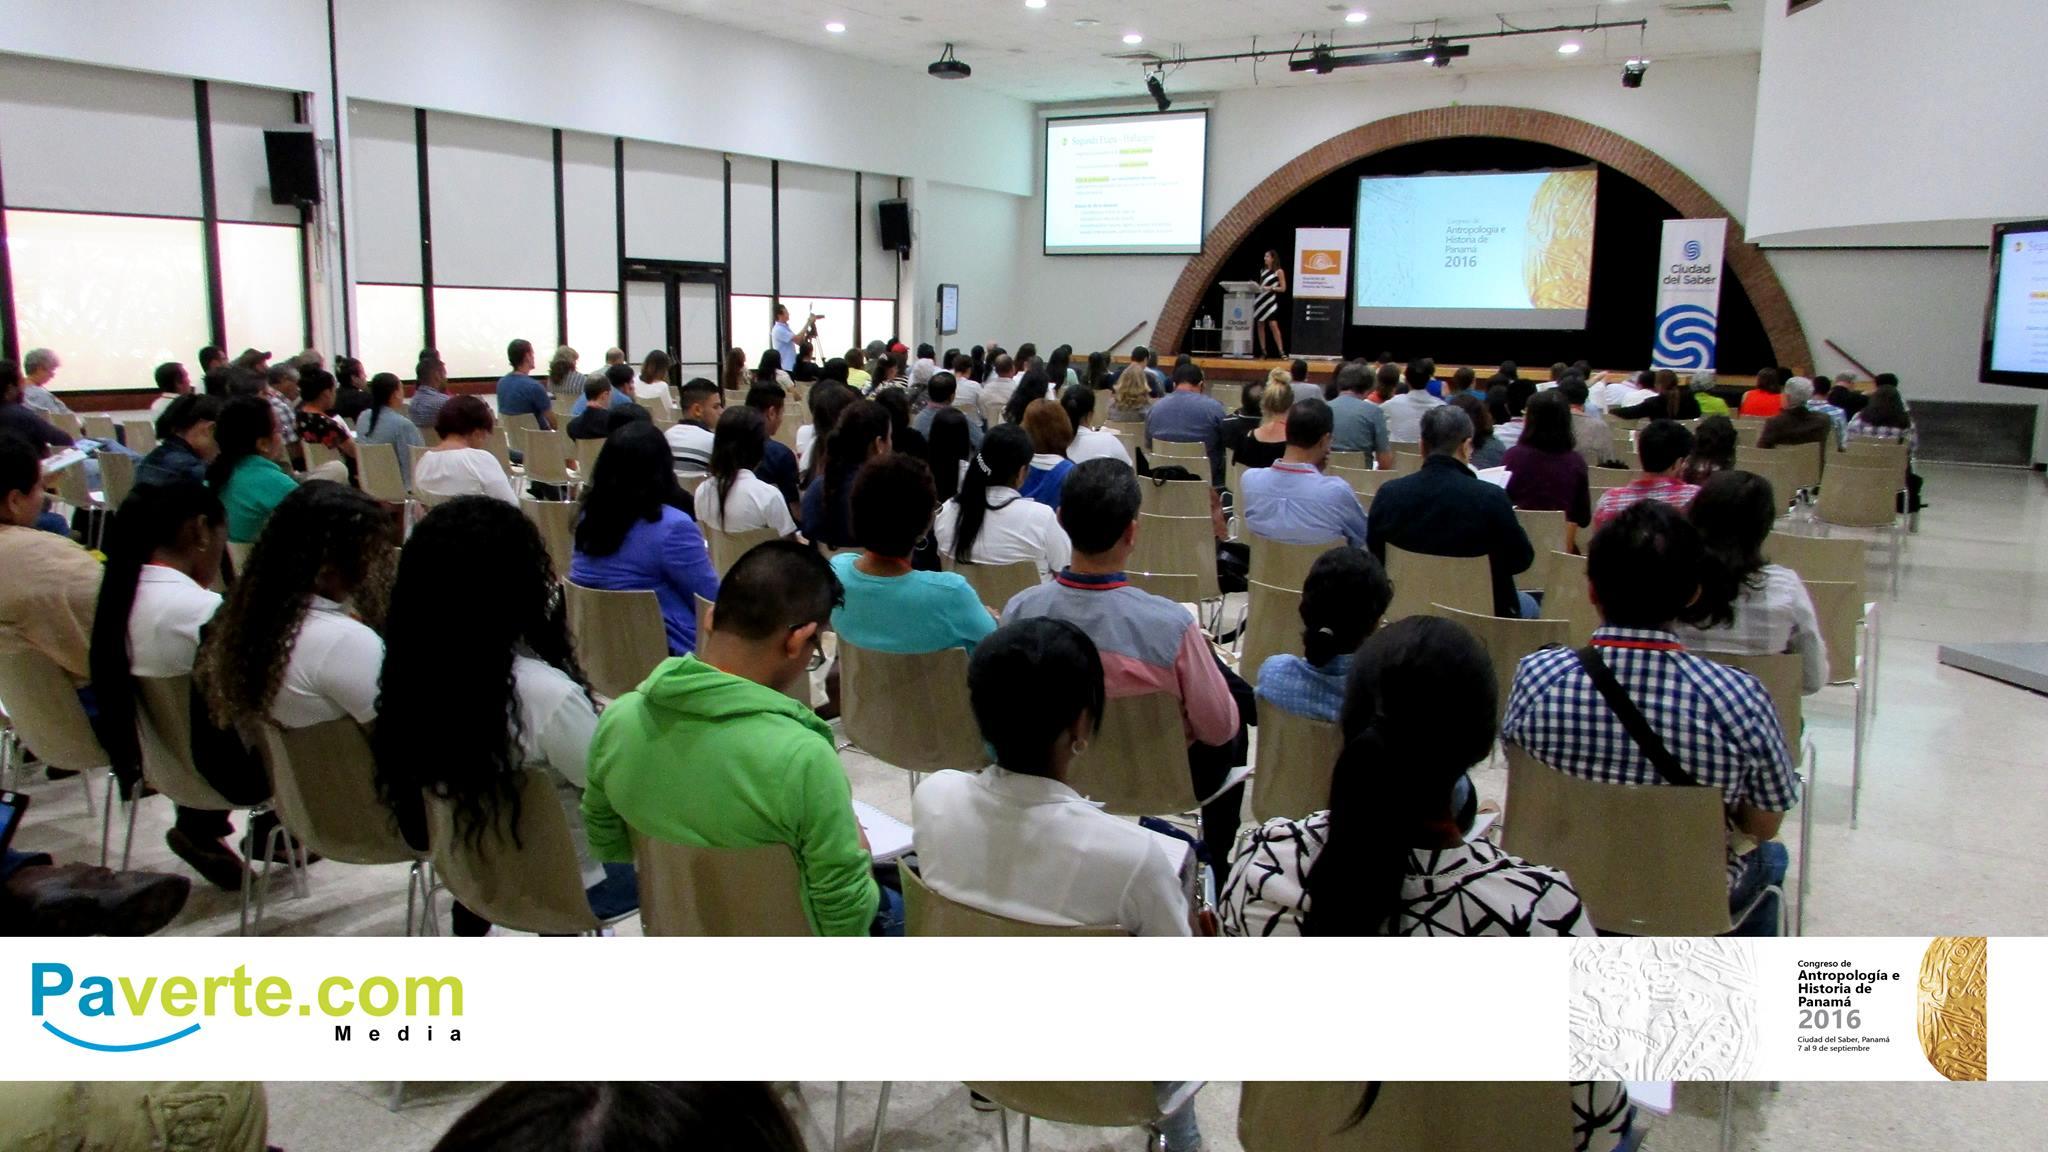 Congreso de ANtropología e Historia de Panamá 2016